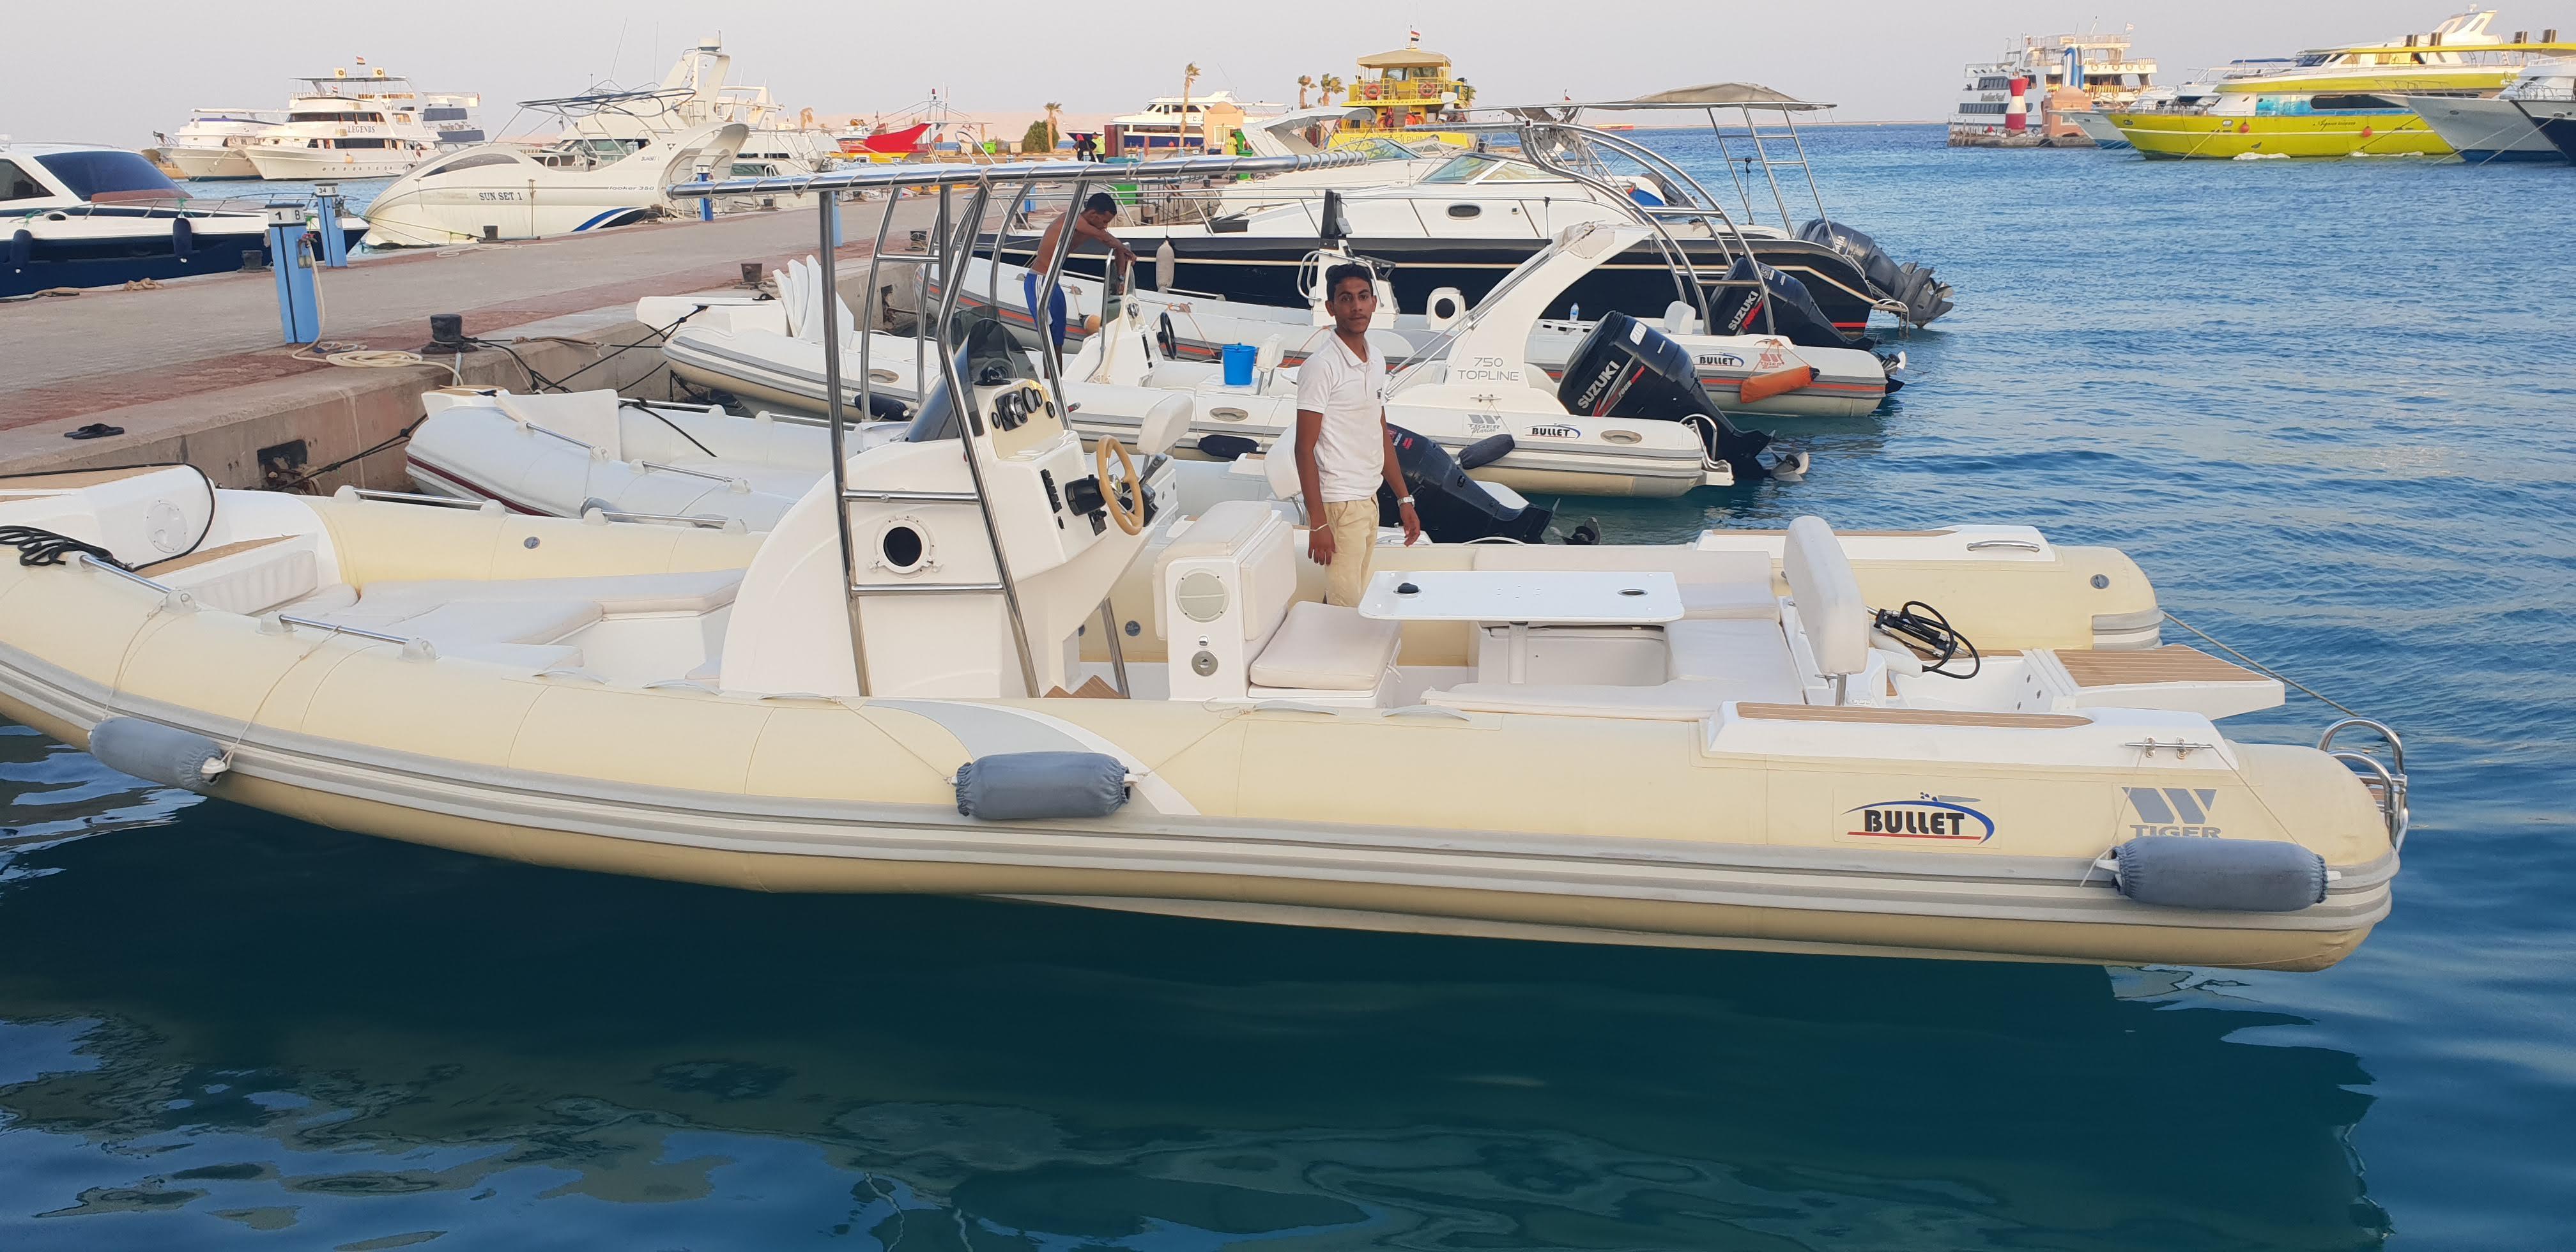 Privates Schnellboot Nach Orange Bay In Hurghada Landious Travel